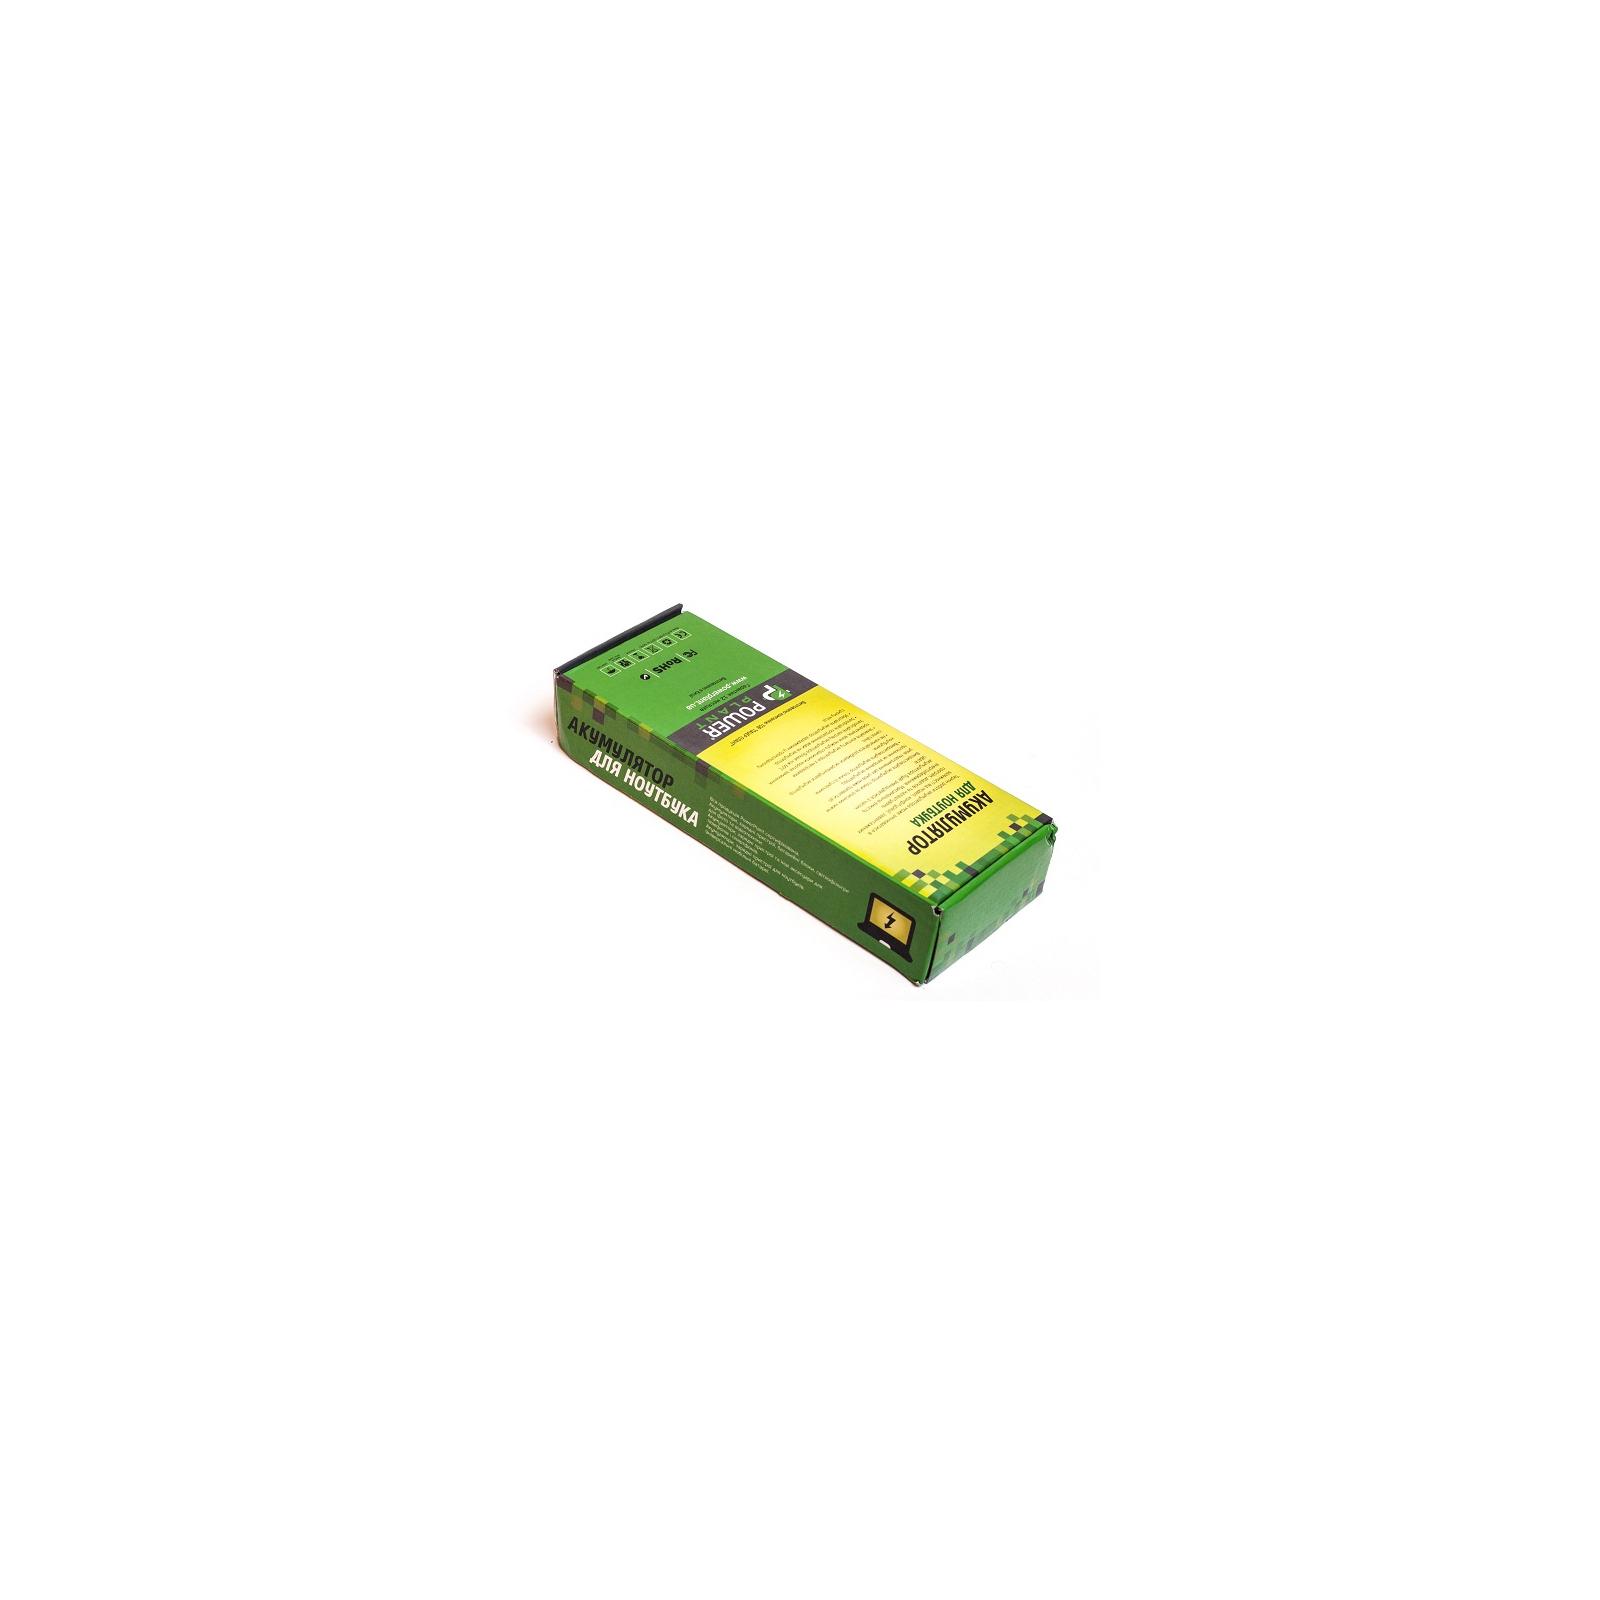 Аккумулятор для ноутбука ACER Aspire 5550 (AS10D41, AC 5560 3S2P) 10.8V 7800mAh PowerPlant (NB00000153) изображение 2